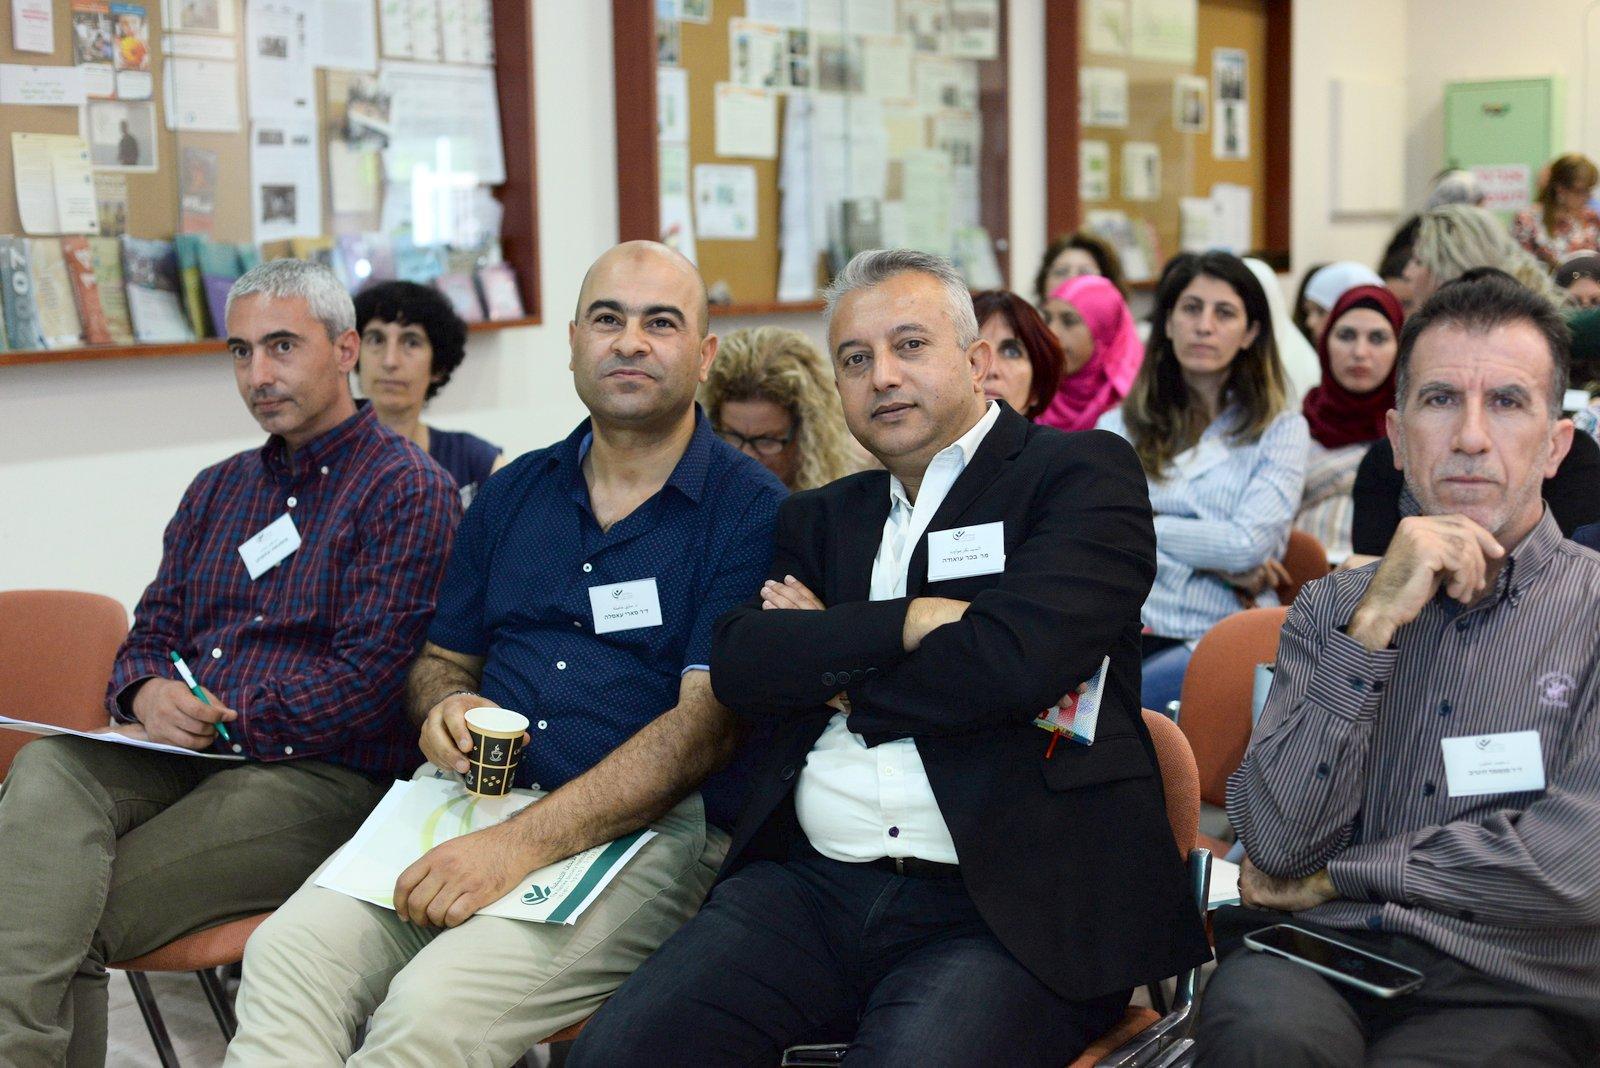 جمعية الجليل تنظم مؤتمرا علميا لأهم الأبحاث الطلائعية